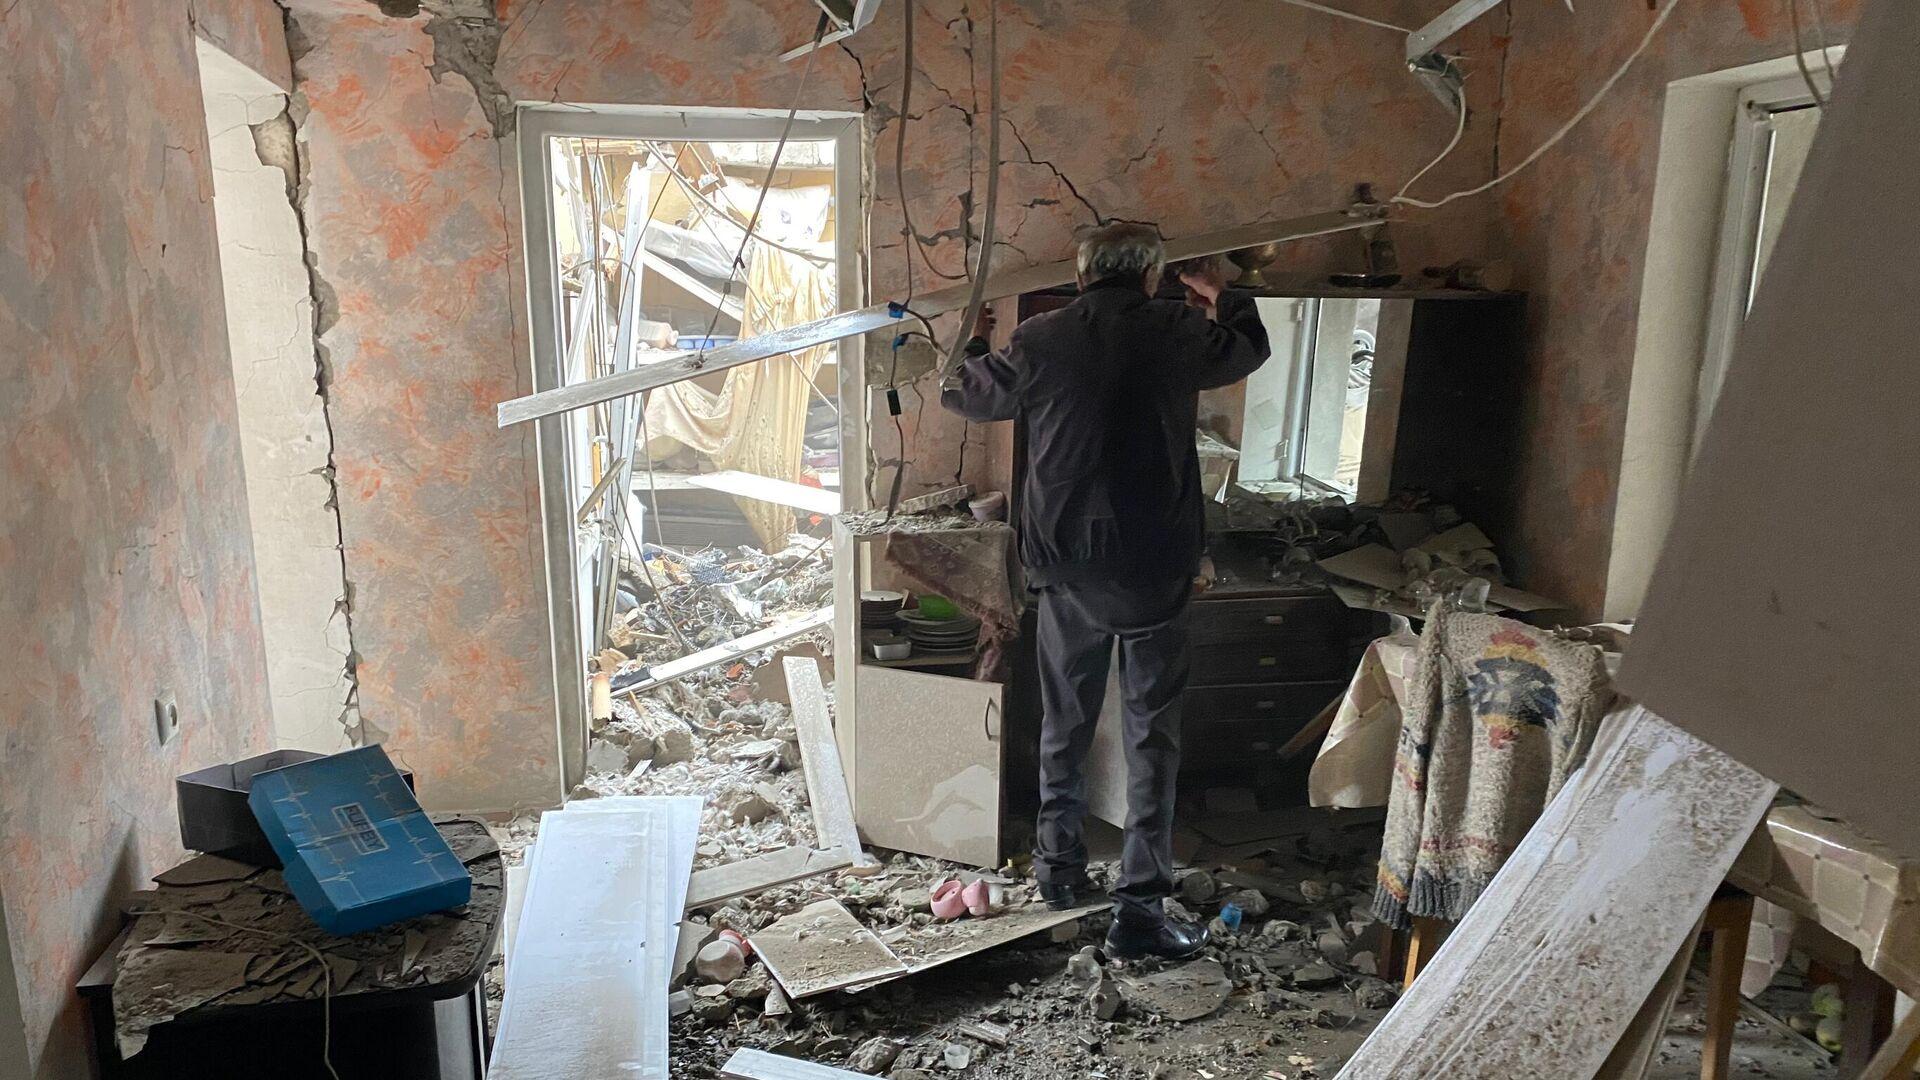 Мужчина осматривает комнату дома в Степанакерте, разрушенного после обстрела - РИА Новости, 1920, 11.10.2020